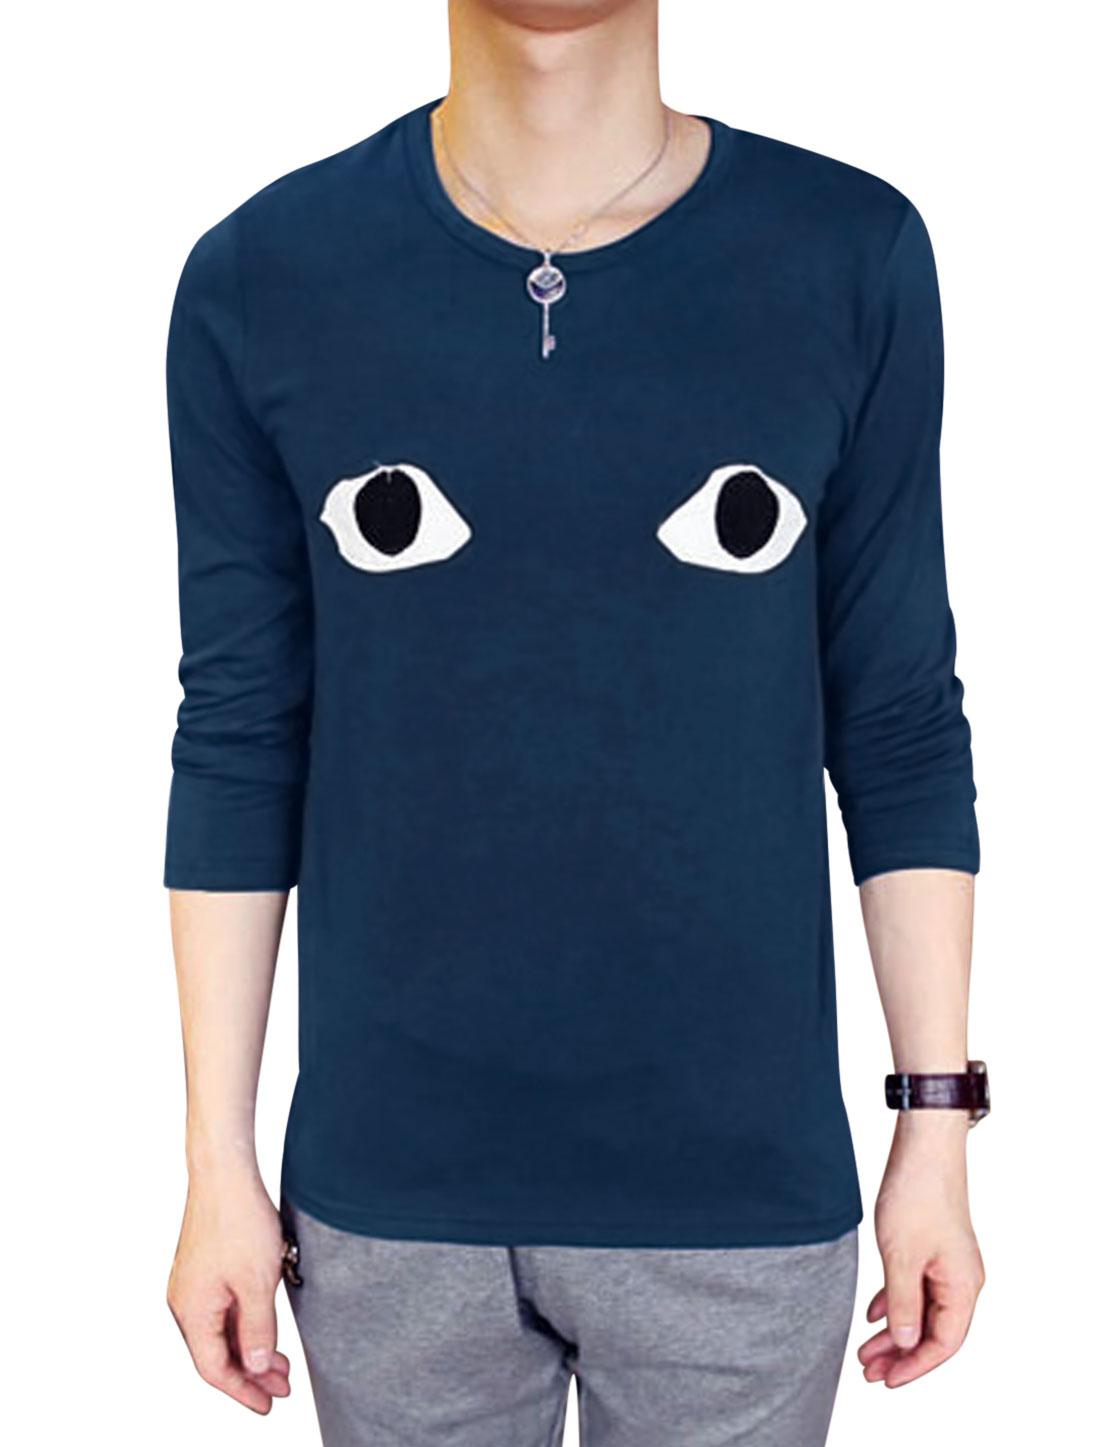 Men Round Neck Applique Pattern Fashion Slim Fit Shirt Navy Blue M